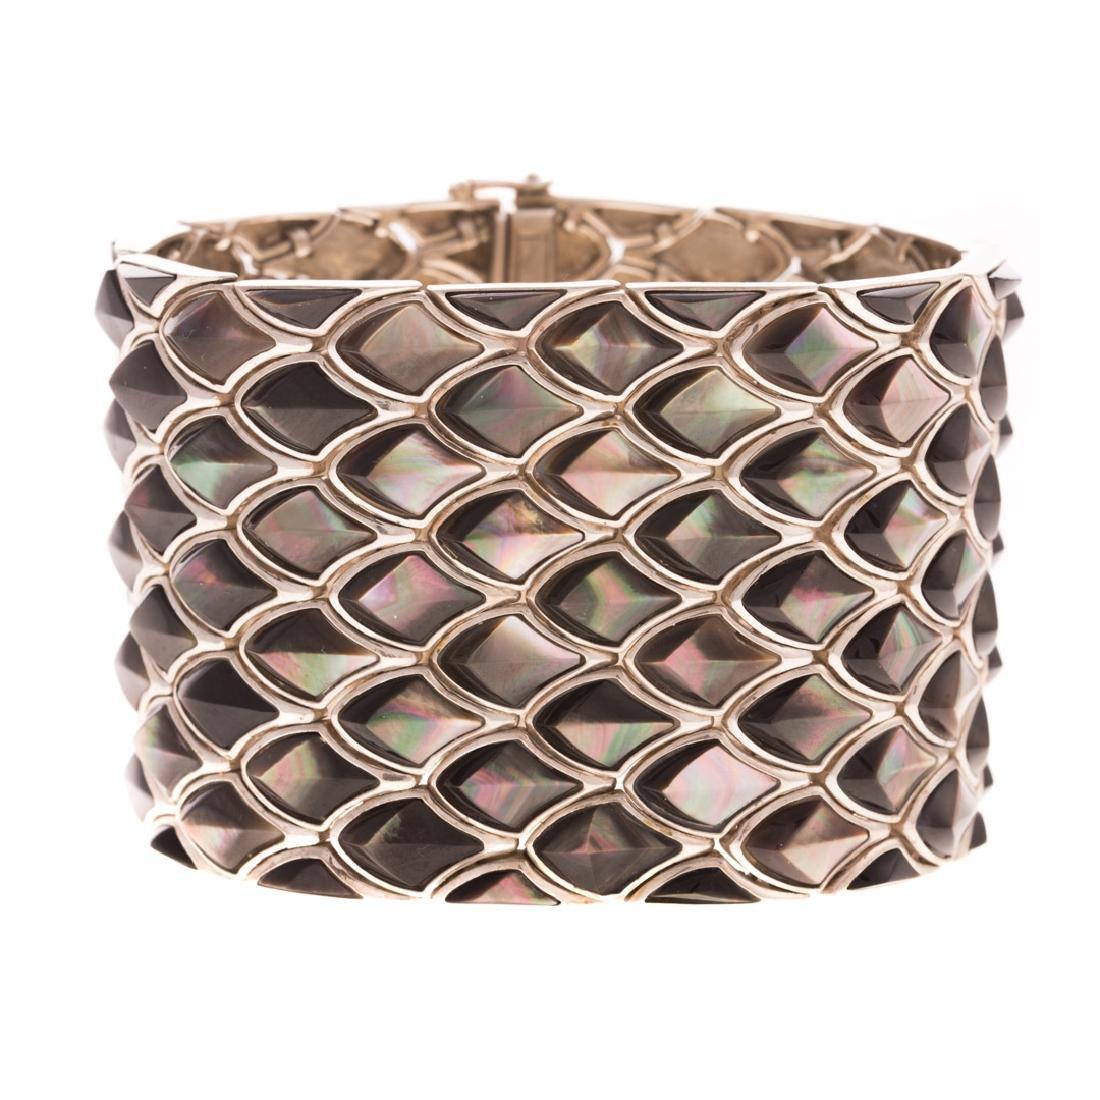 A Lady's Sterling Silver Abalone Bracelet